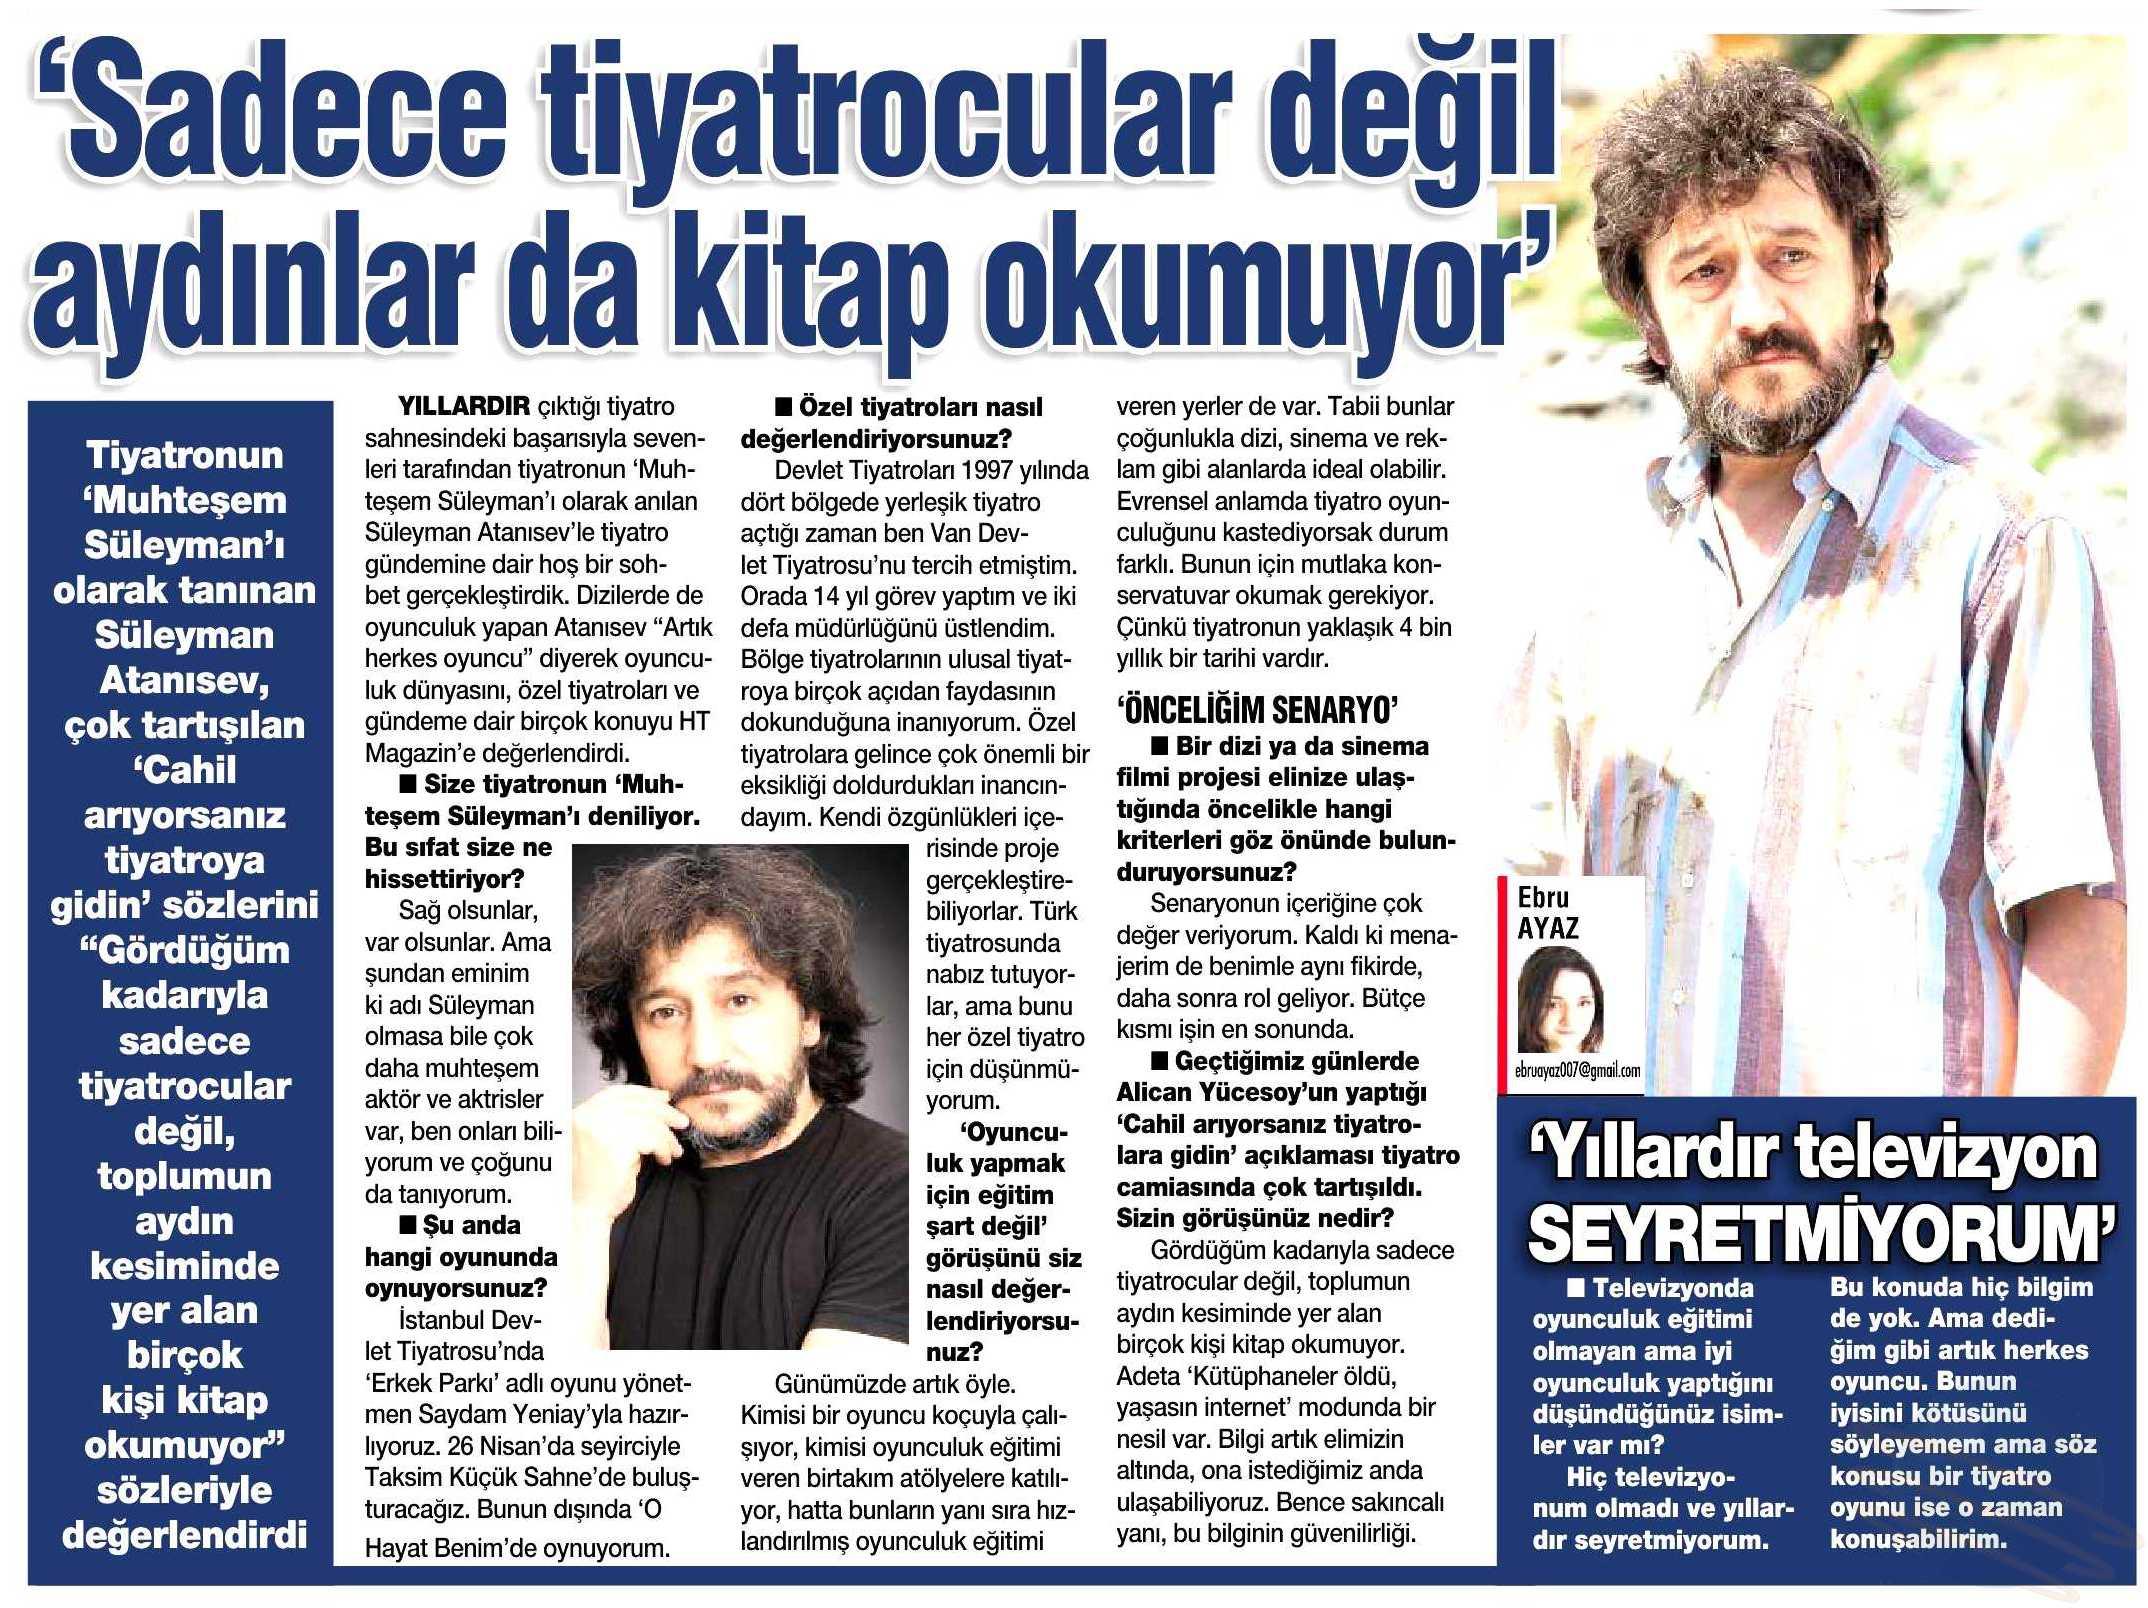 Süleyman Atanısev - HaberTürk Gazetesi Röportajı